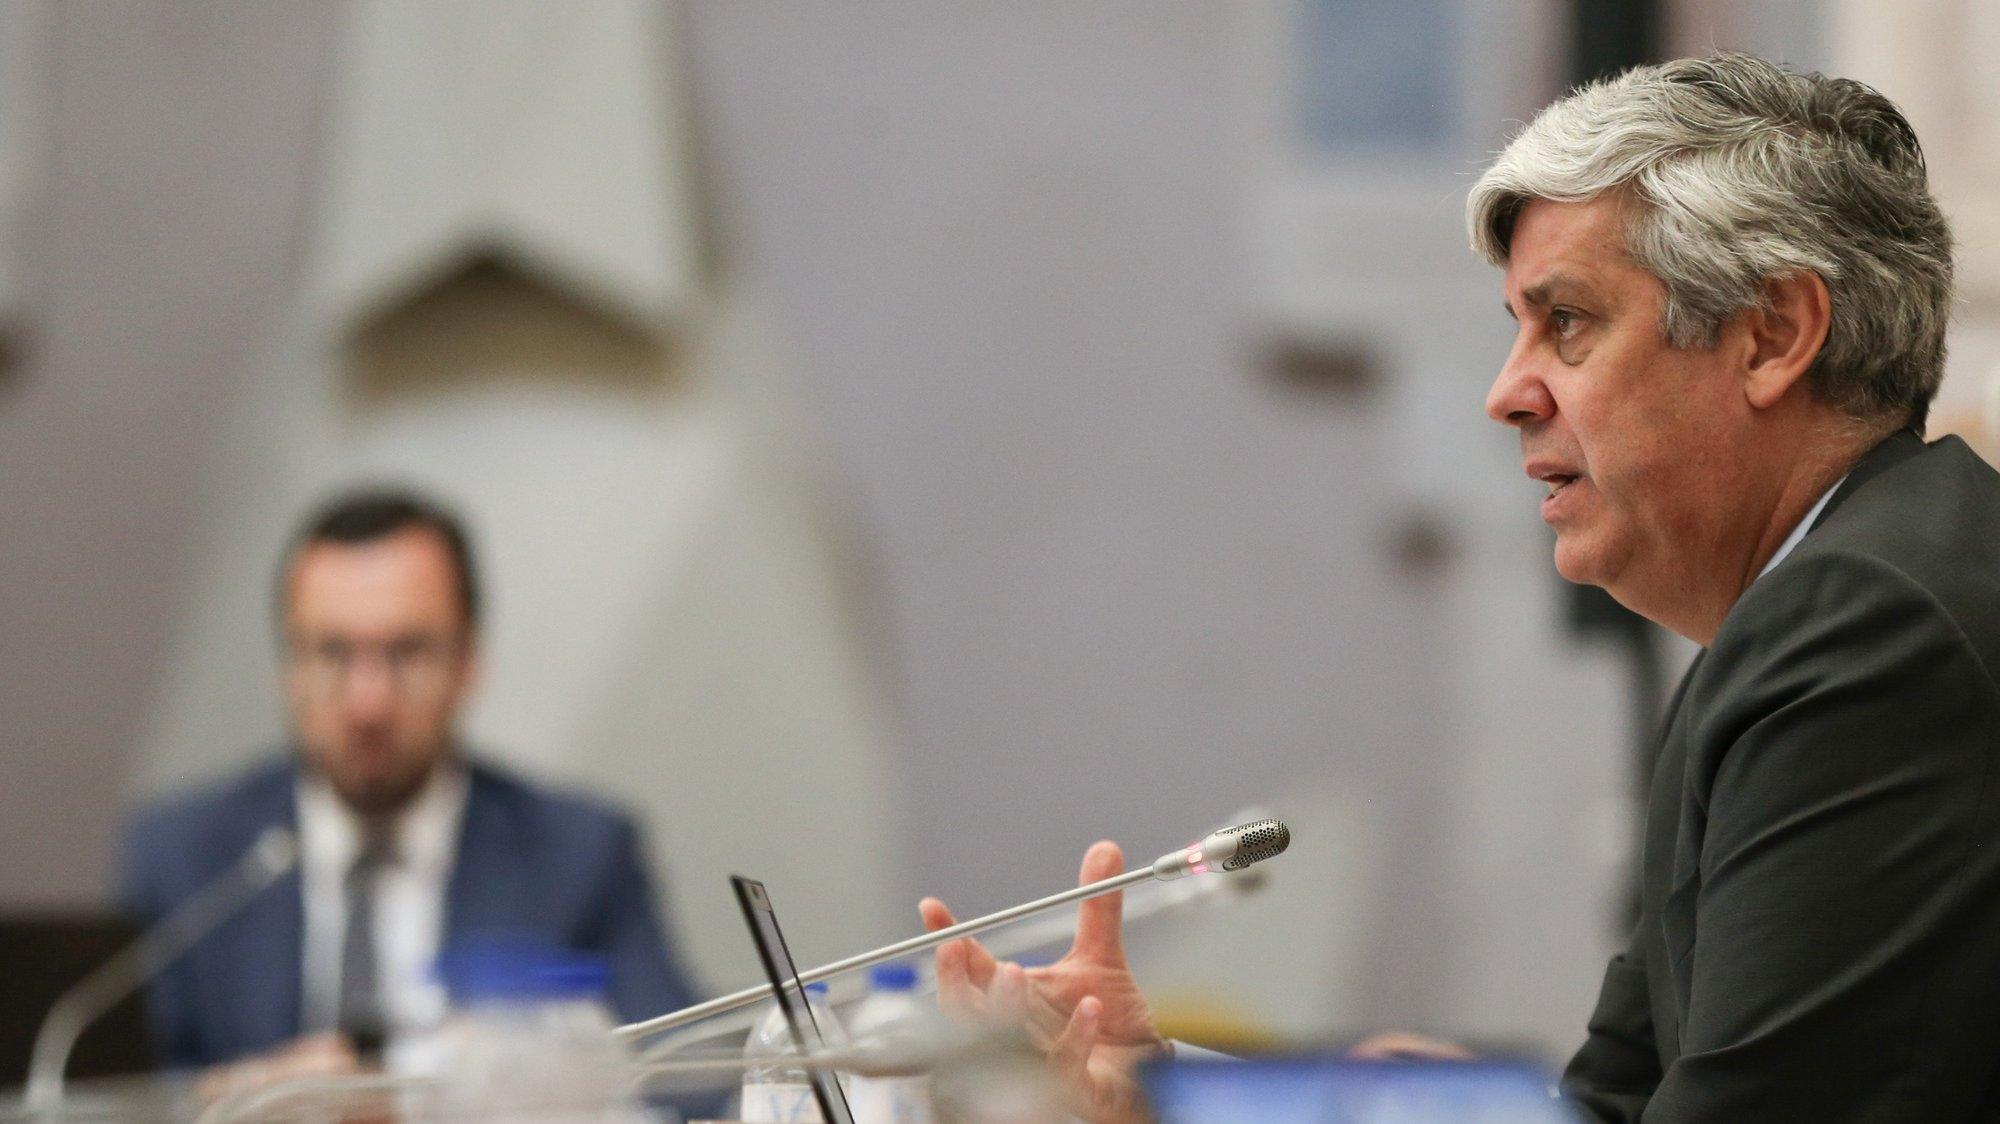 O governador do Banco de Portugal (BdP), Mário Centeno (R), durante a apresentação do relatório do conselho de administração de Aividade e Contas relativo a 2020, na Nave do Museu do Dinheiro do BdP, em Lisboa, 13 de maio de 2021. MANUEL DE ALMEIDA/LUSA